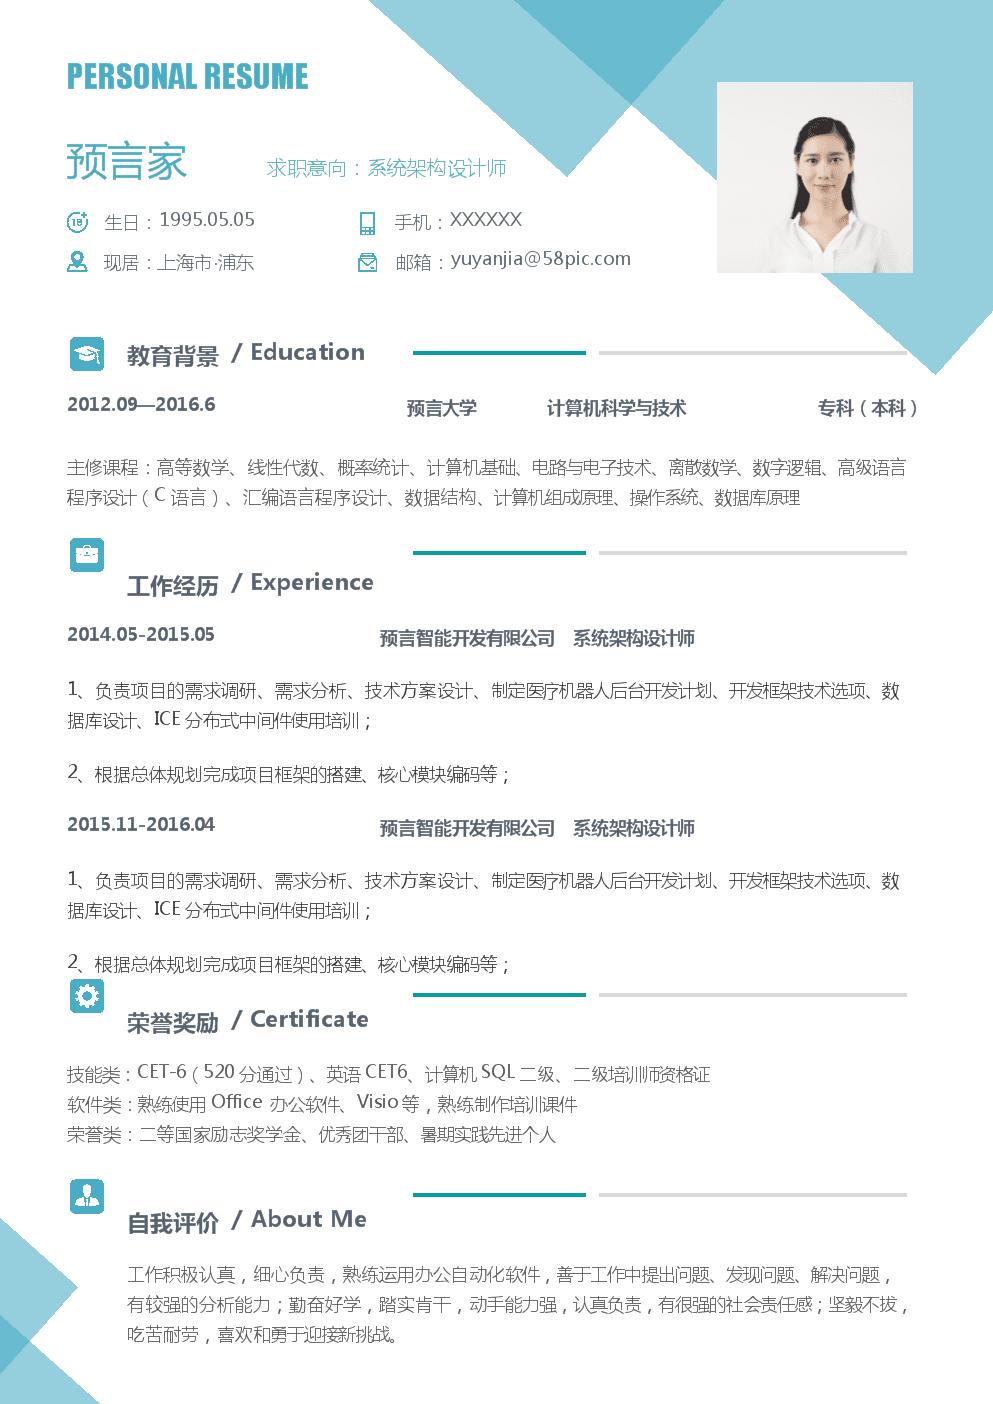 个人简历模板(系统架构设计师样例).docx